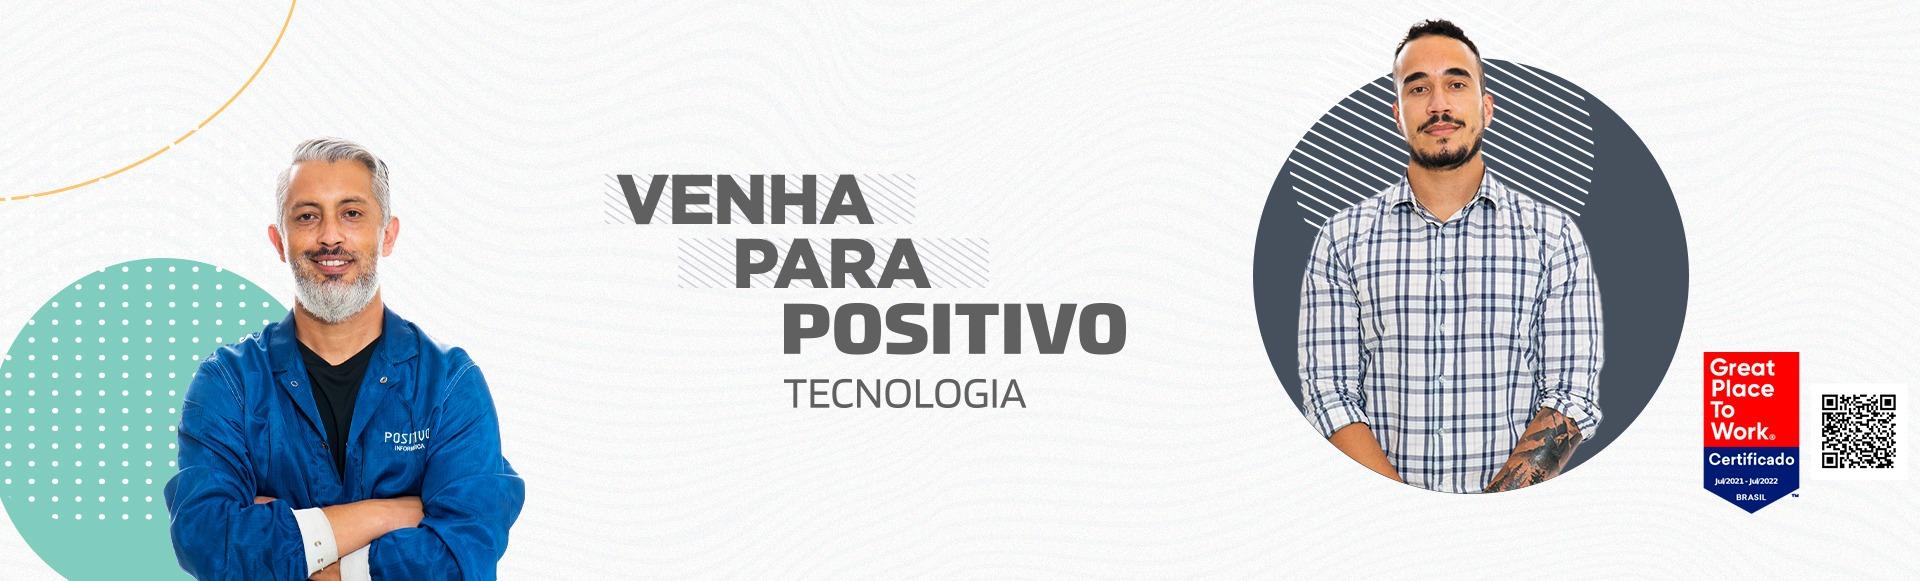 CONSULTOR DE VENDAS EXTERNO - CURTIBA